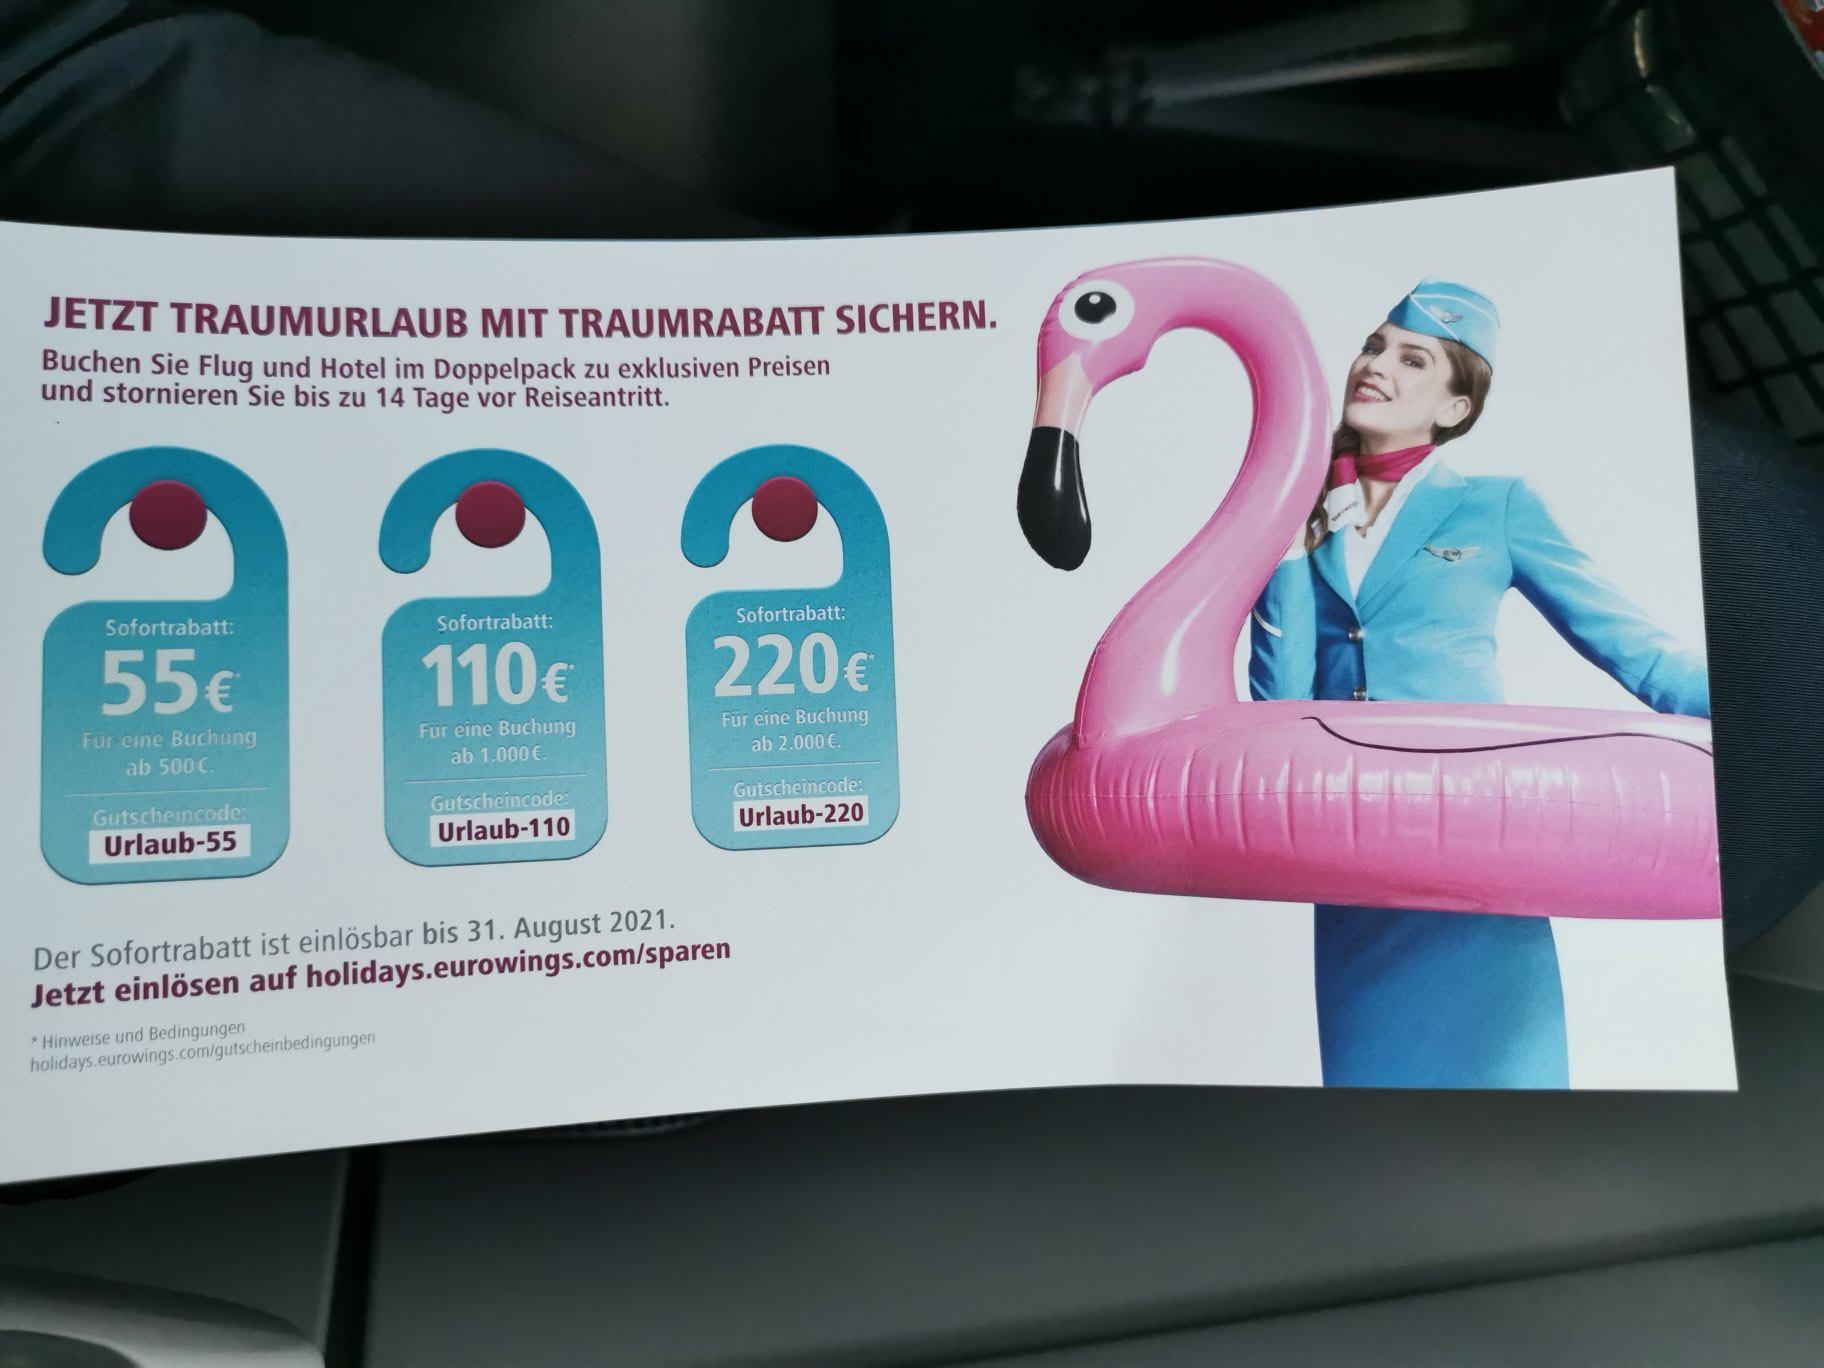 Bis zu 11% auf Eurowings-Holidays Buchungen sparen. Flug + Hotel. Stornierung bis 14 Tage vor Abflug.